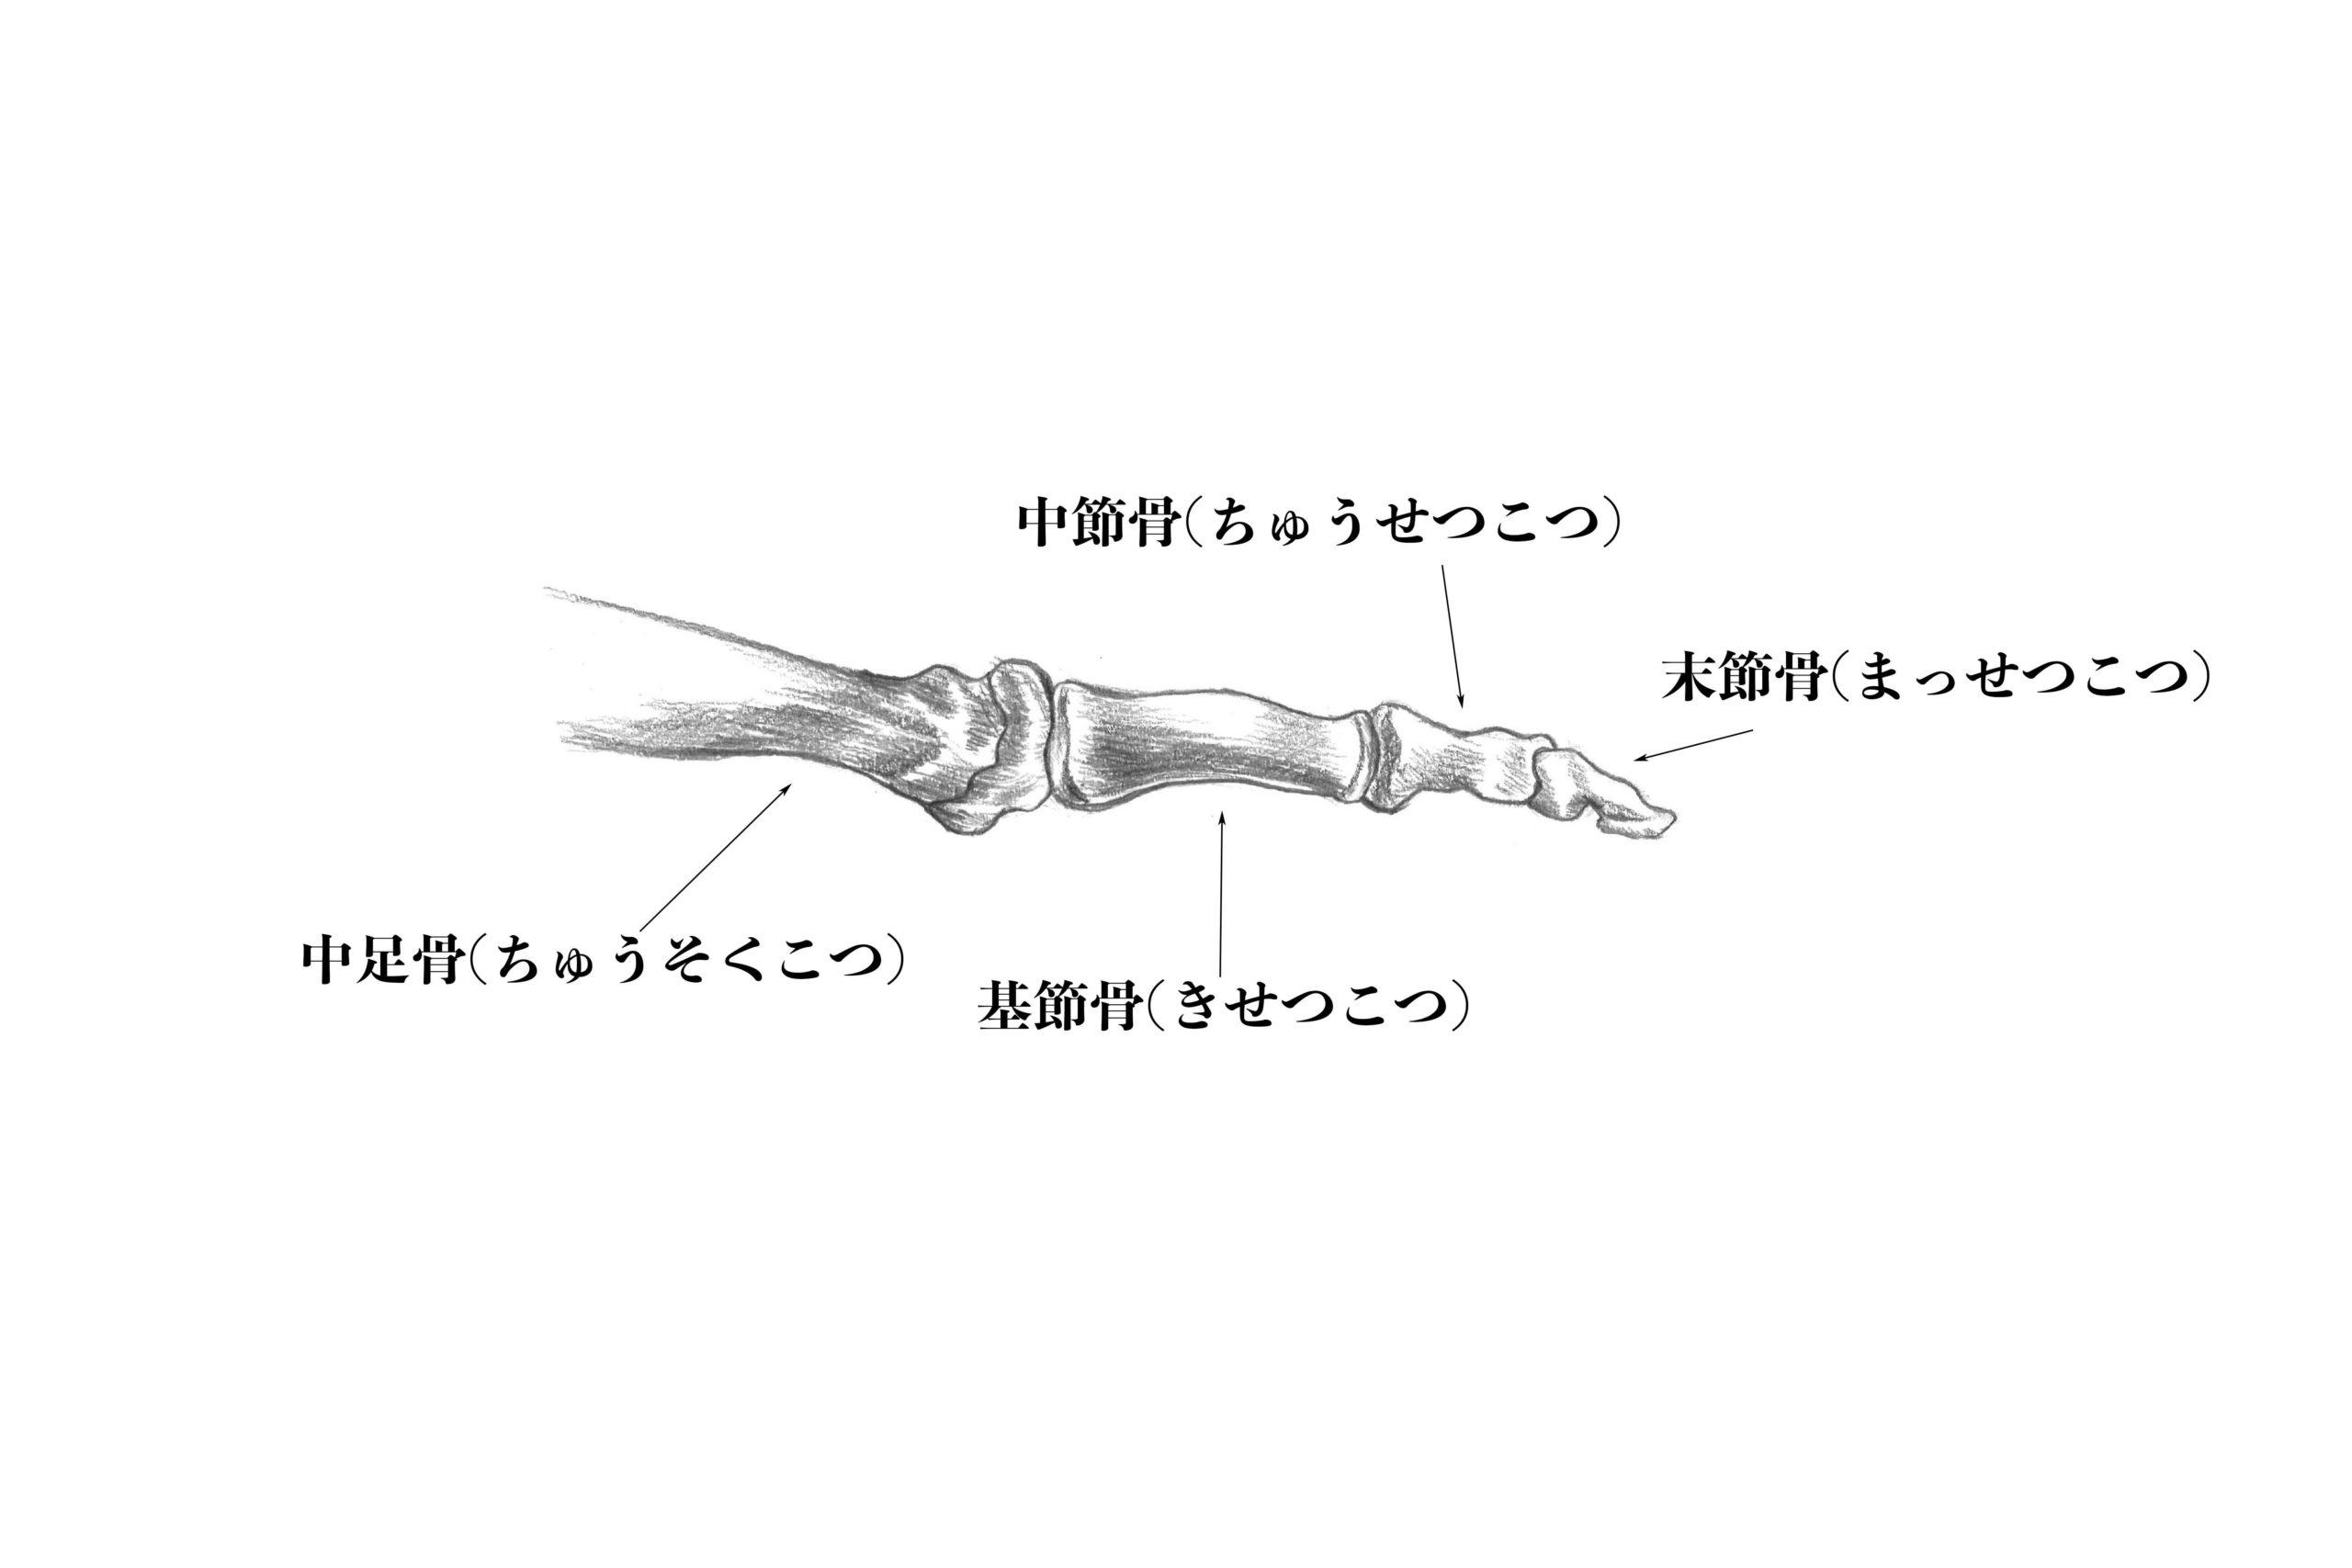 足骨第二指−第五指までの指骨